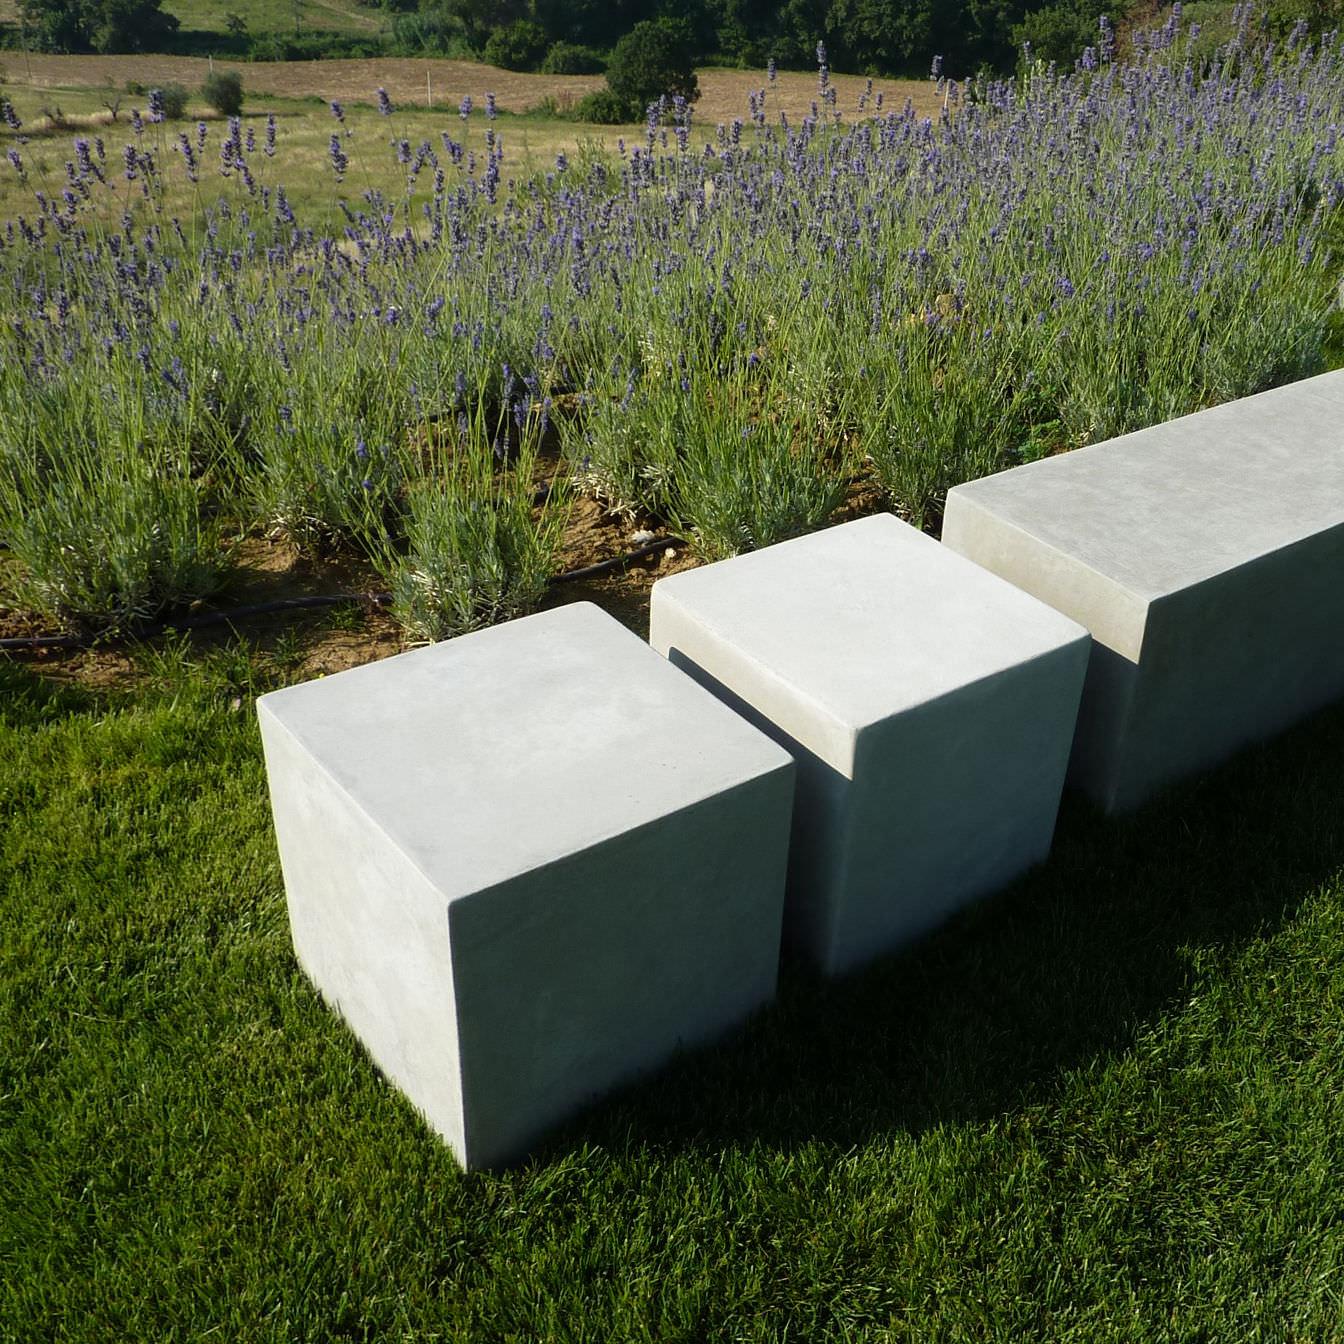 Tavolo In Cemento Da Giardino.Tavolino Basso Moderno In Cemento Quadrato Da Giardino Basic